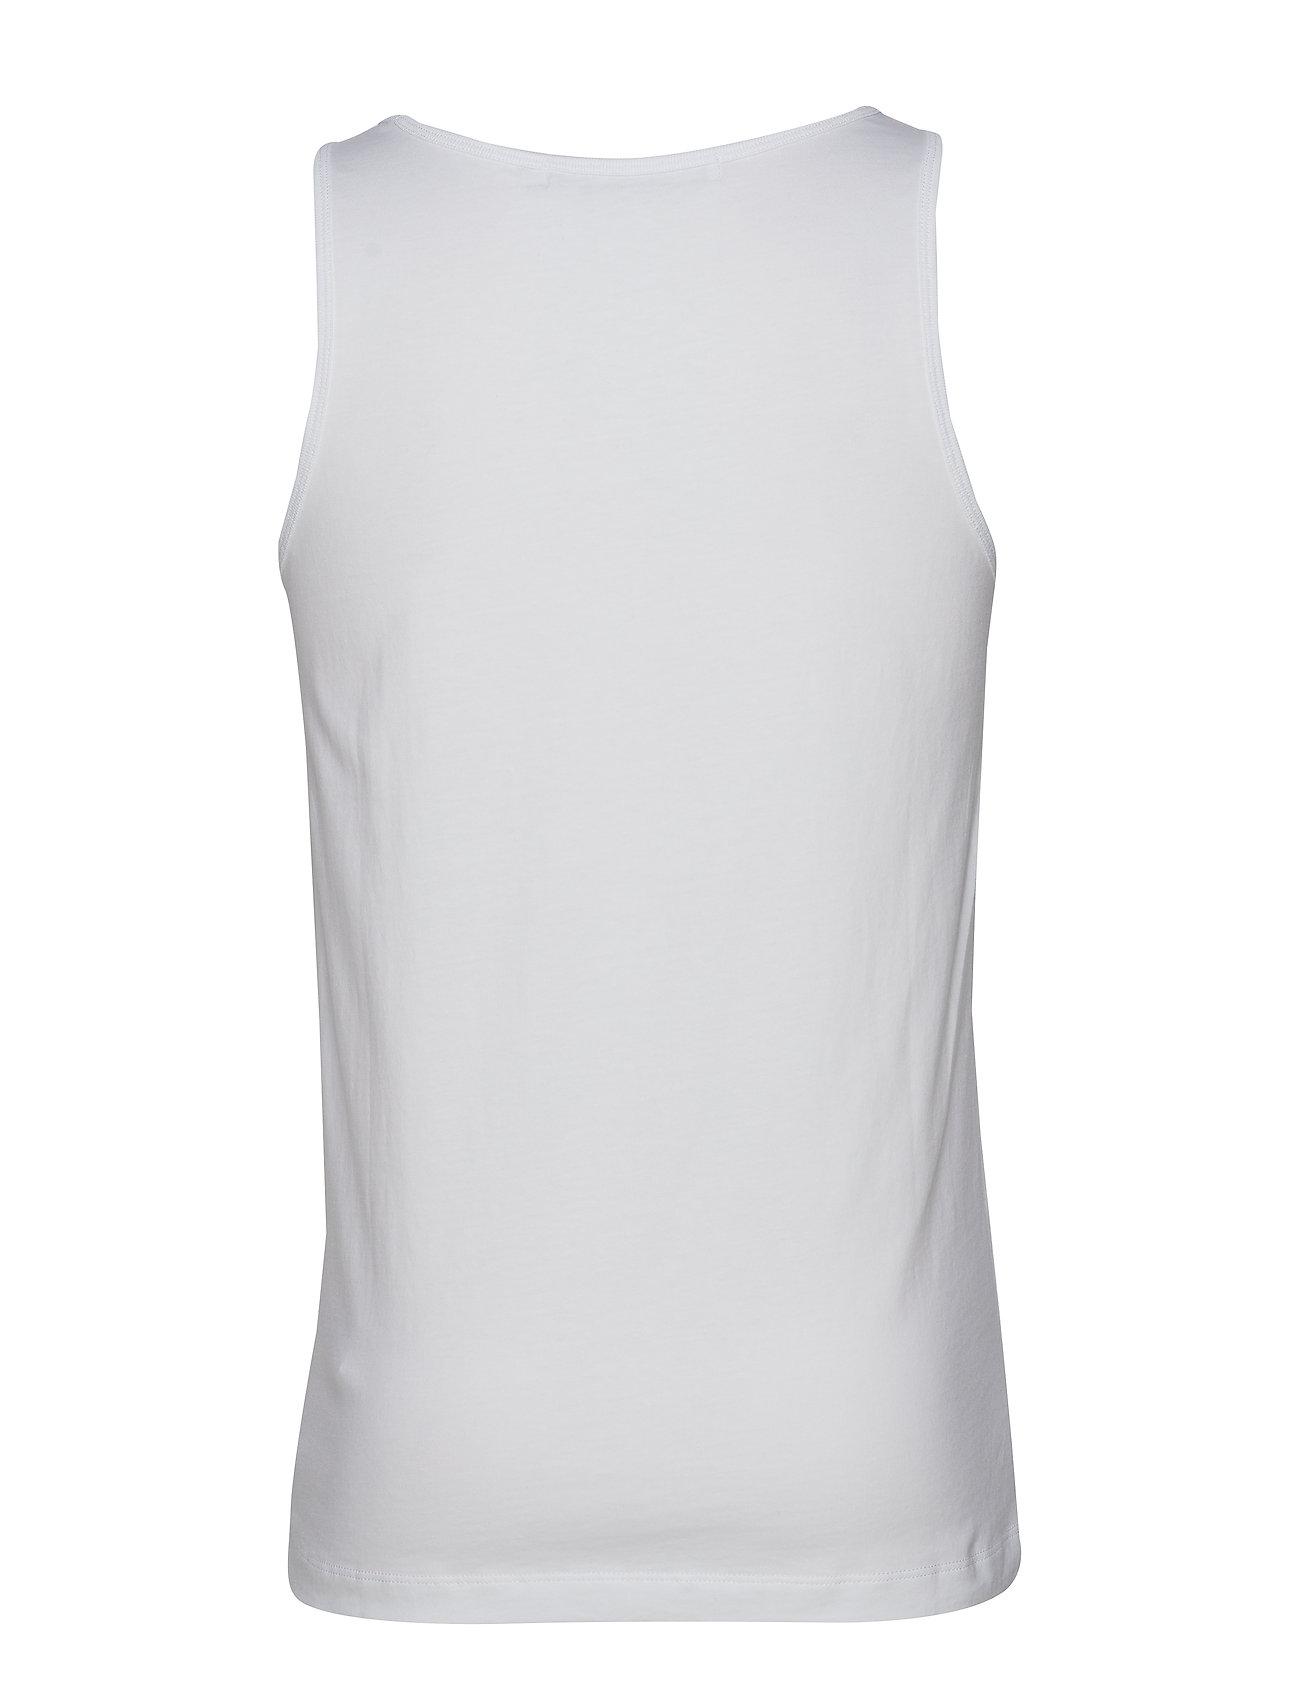 WhiteCalvin Logobright Jeans InstitRainbow Klein 3j5AL4R